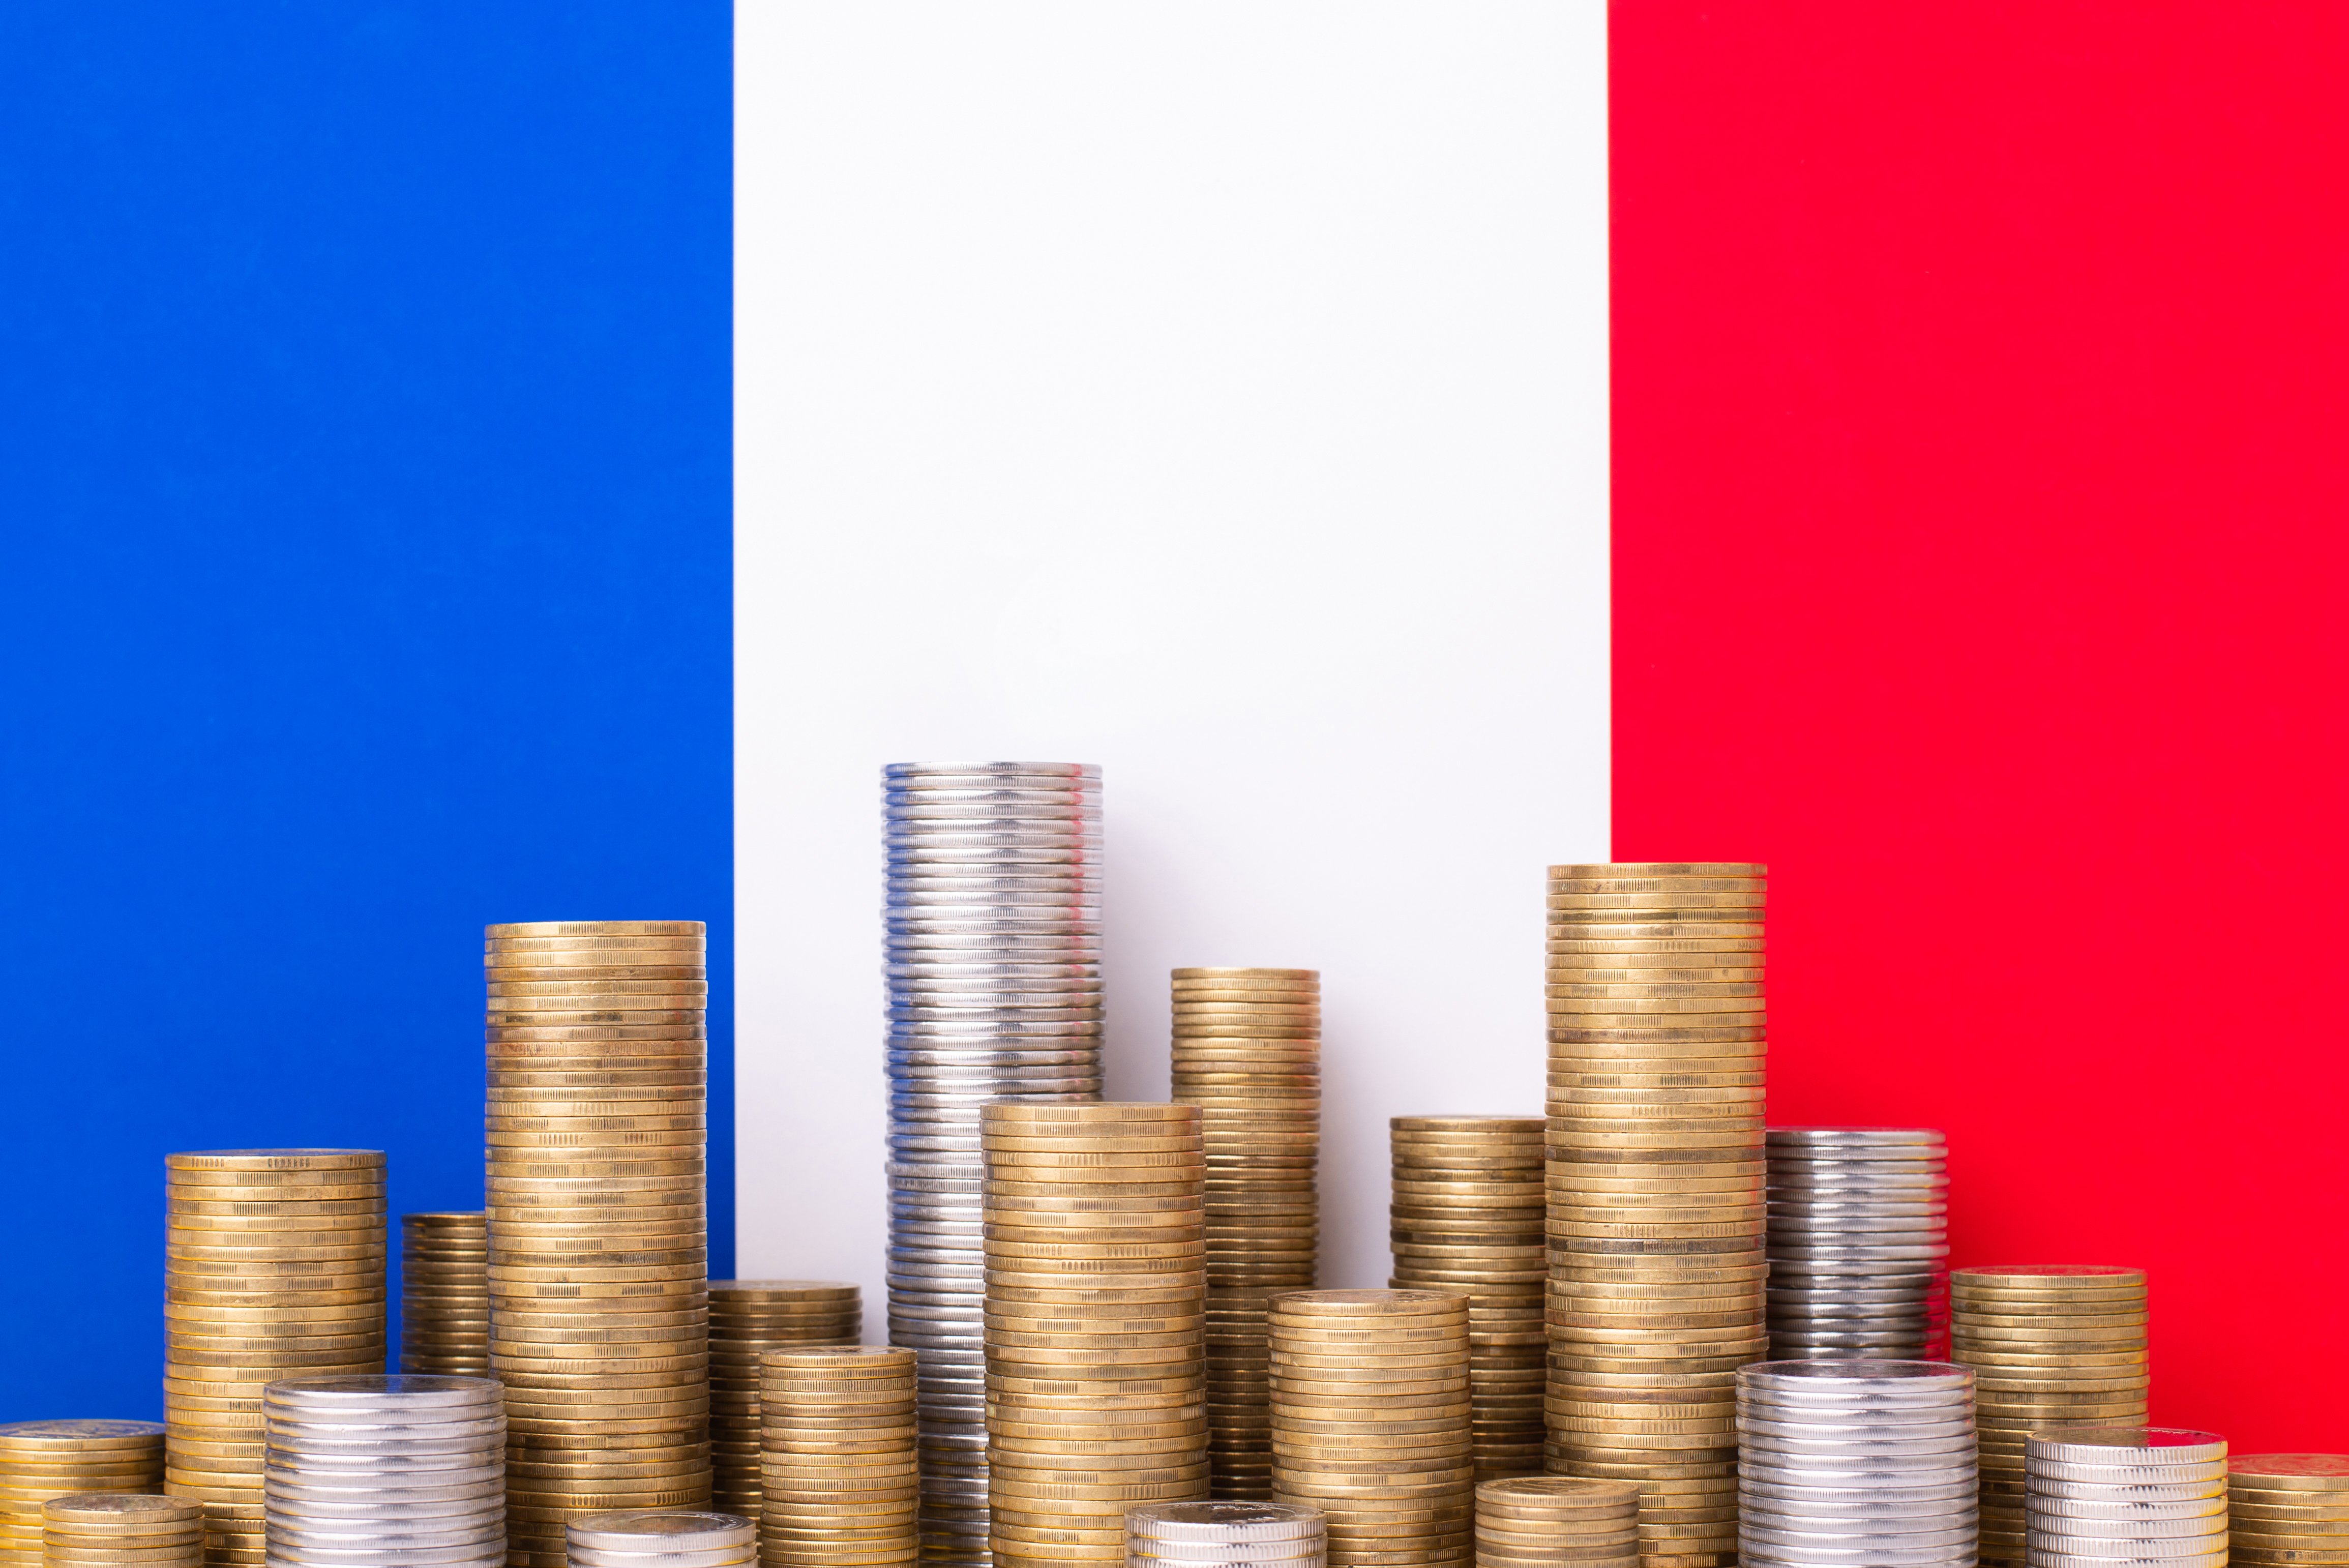 Монеты и флаг Франции, ВНЖ которой можно получить через инвестиции